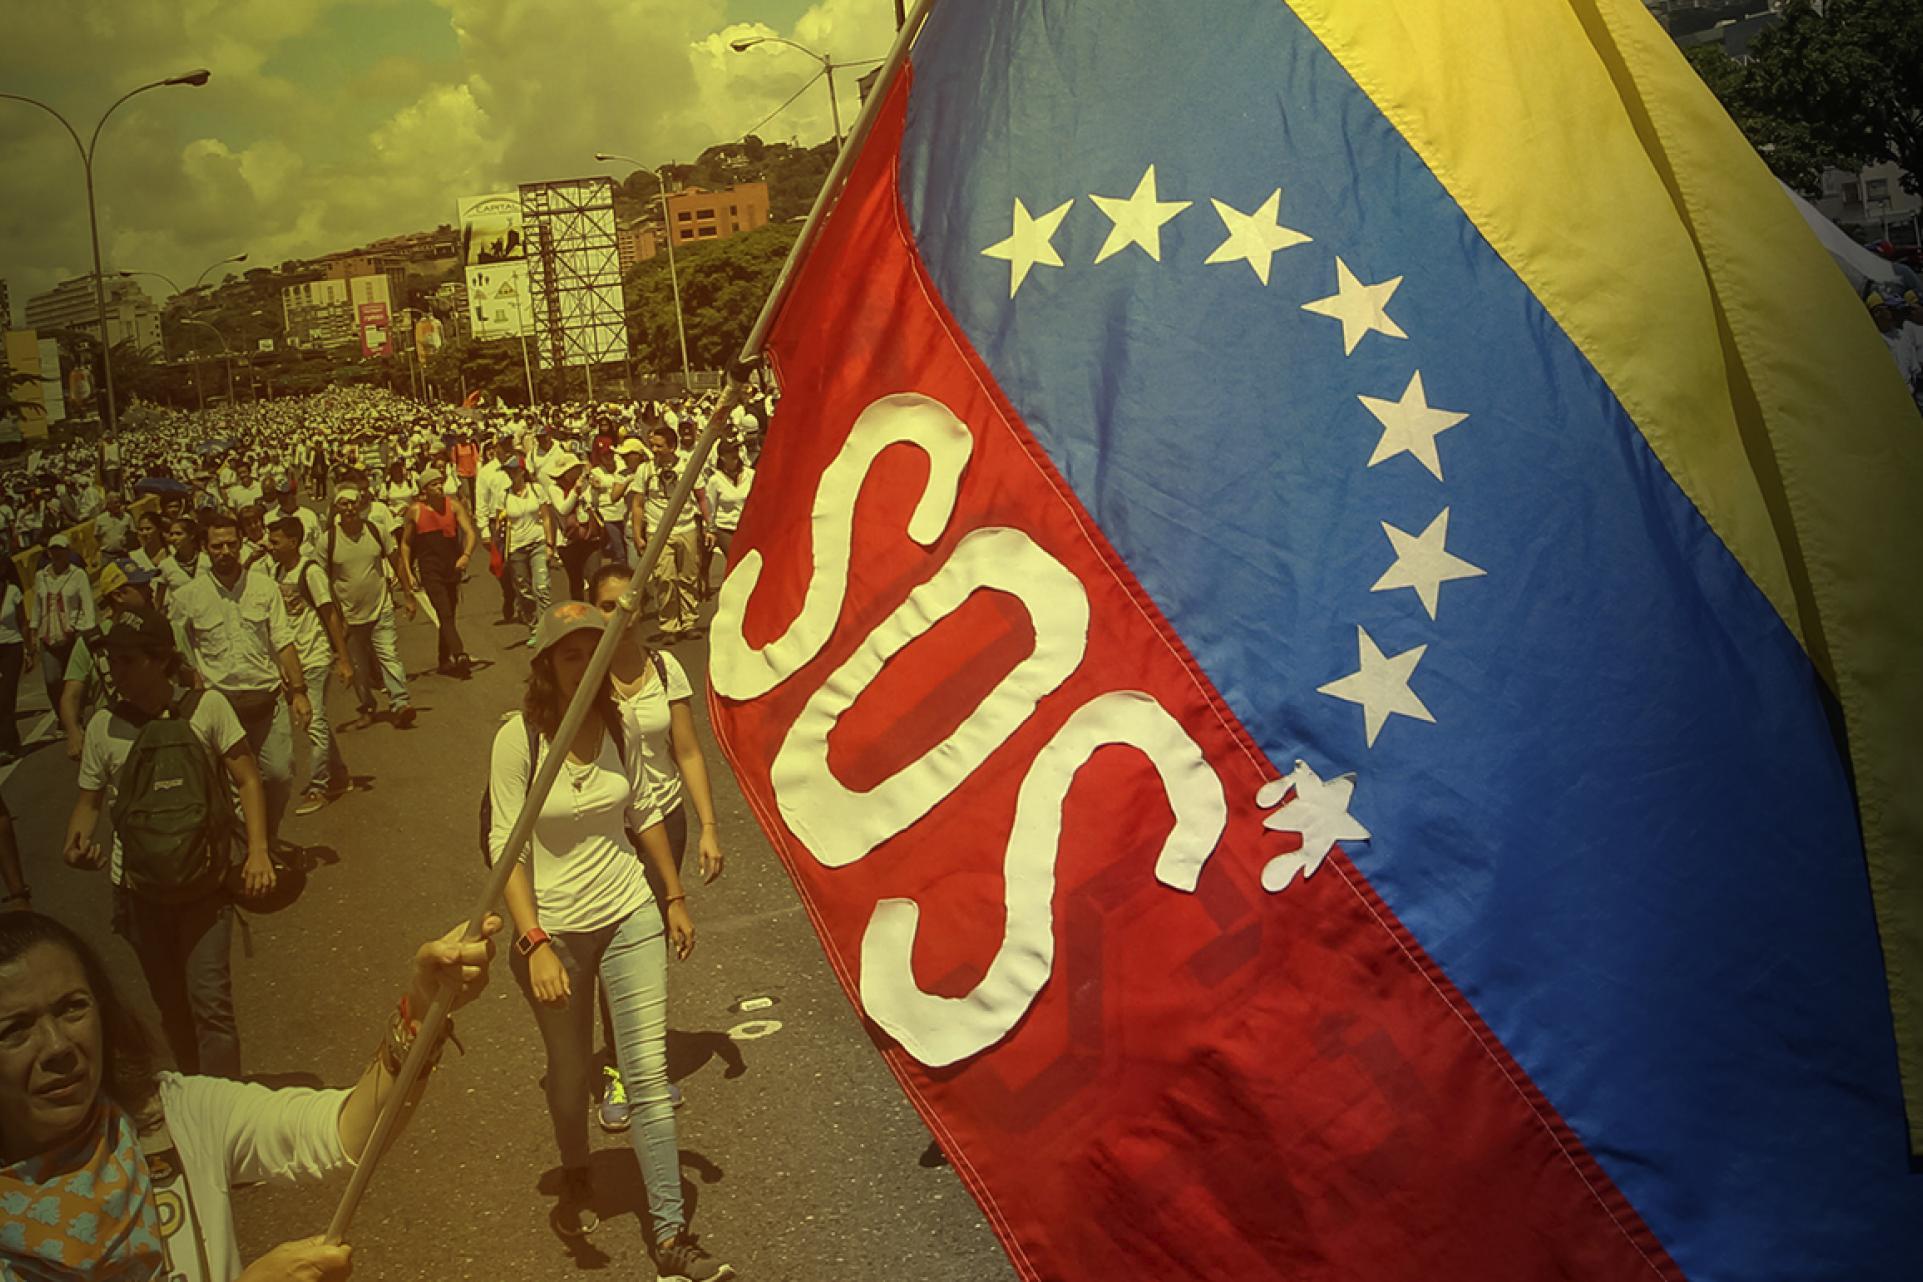 Colombia recibe donación por $31.5 millones de dólares para financiación de migrantes venezolanos